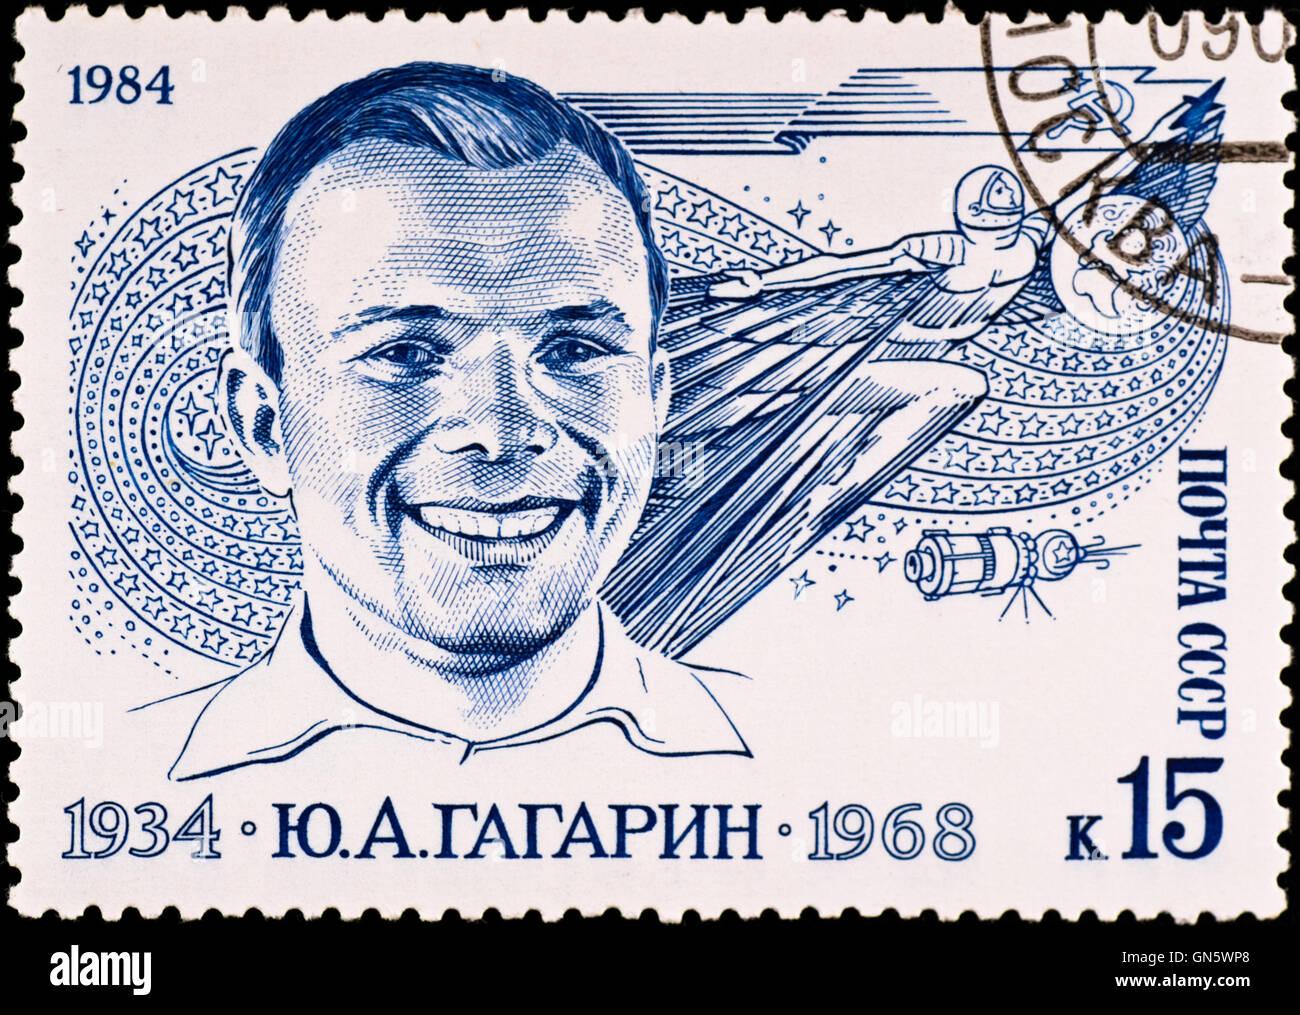 Briefmarke zeigt erste russische Raumfahrer Yuri Gagarin, ca. 1 Stockbild